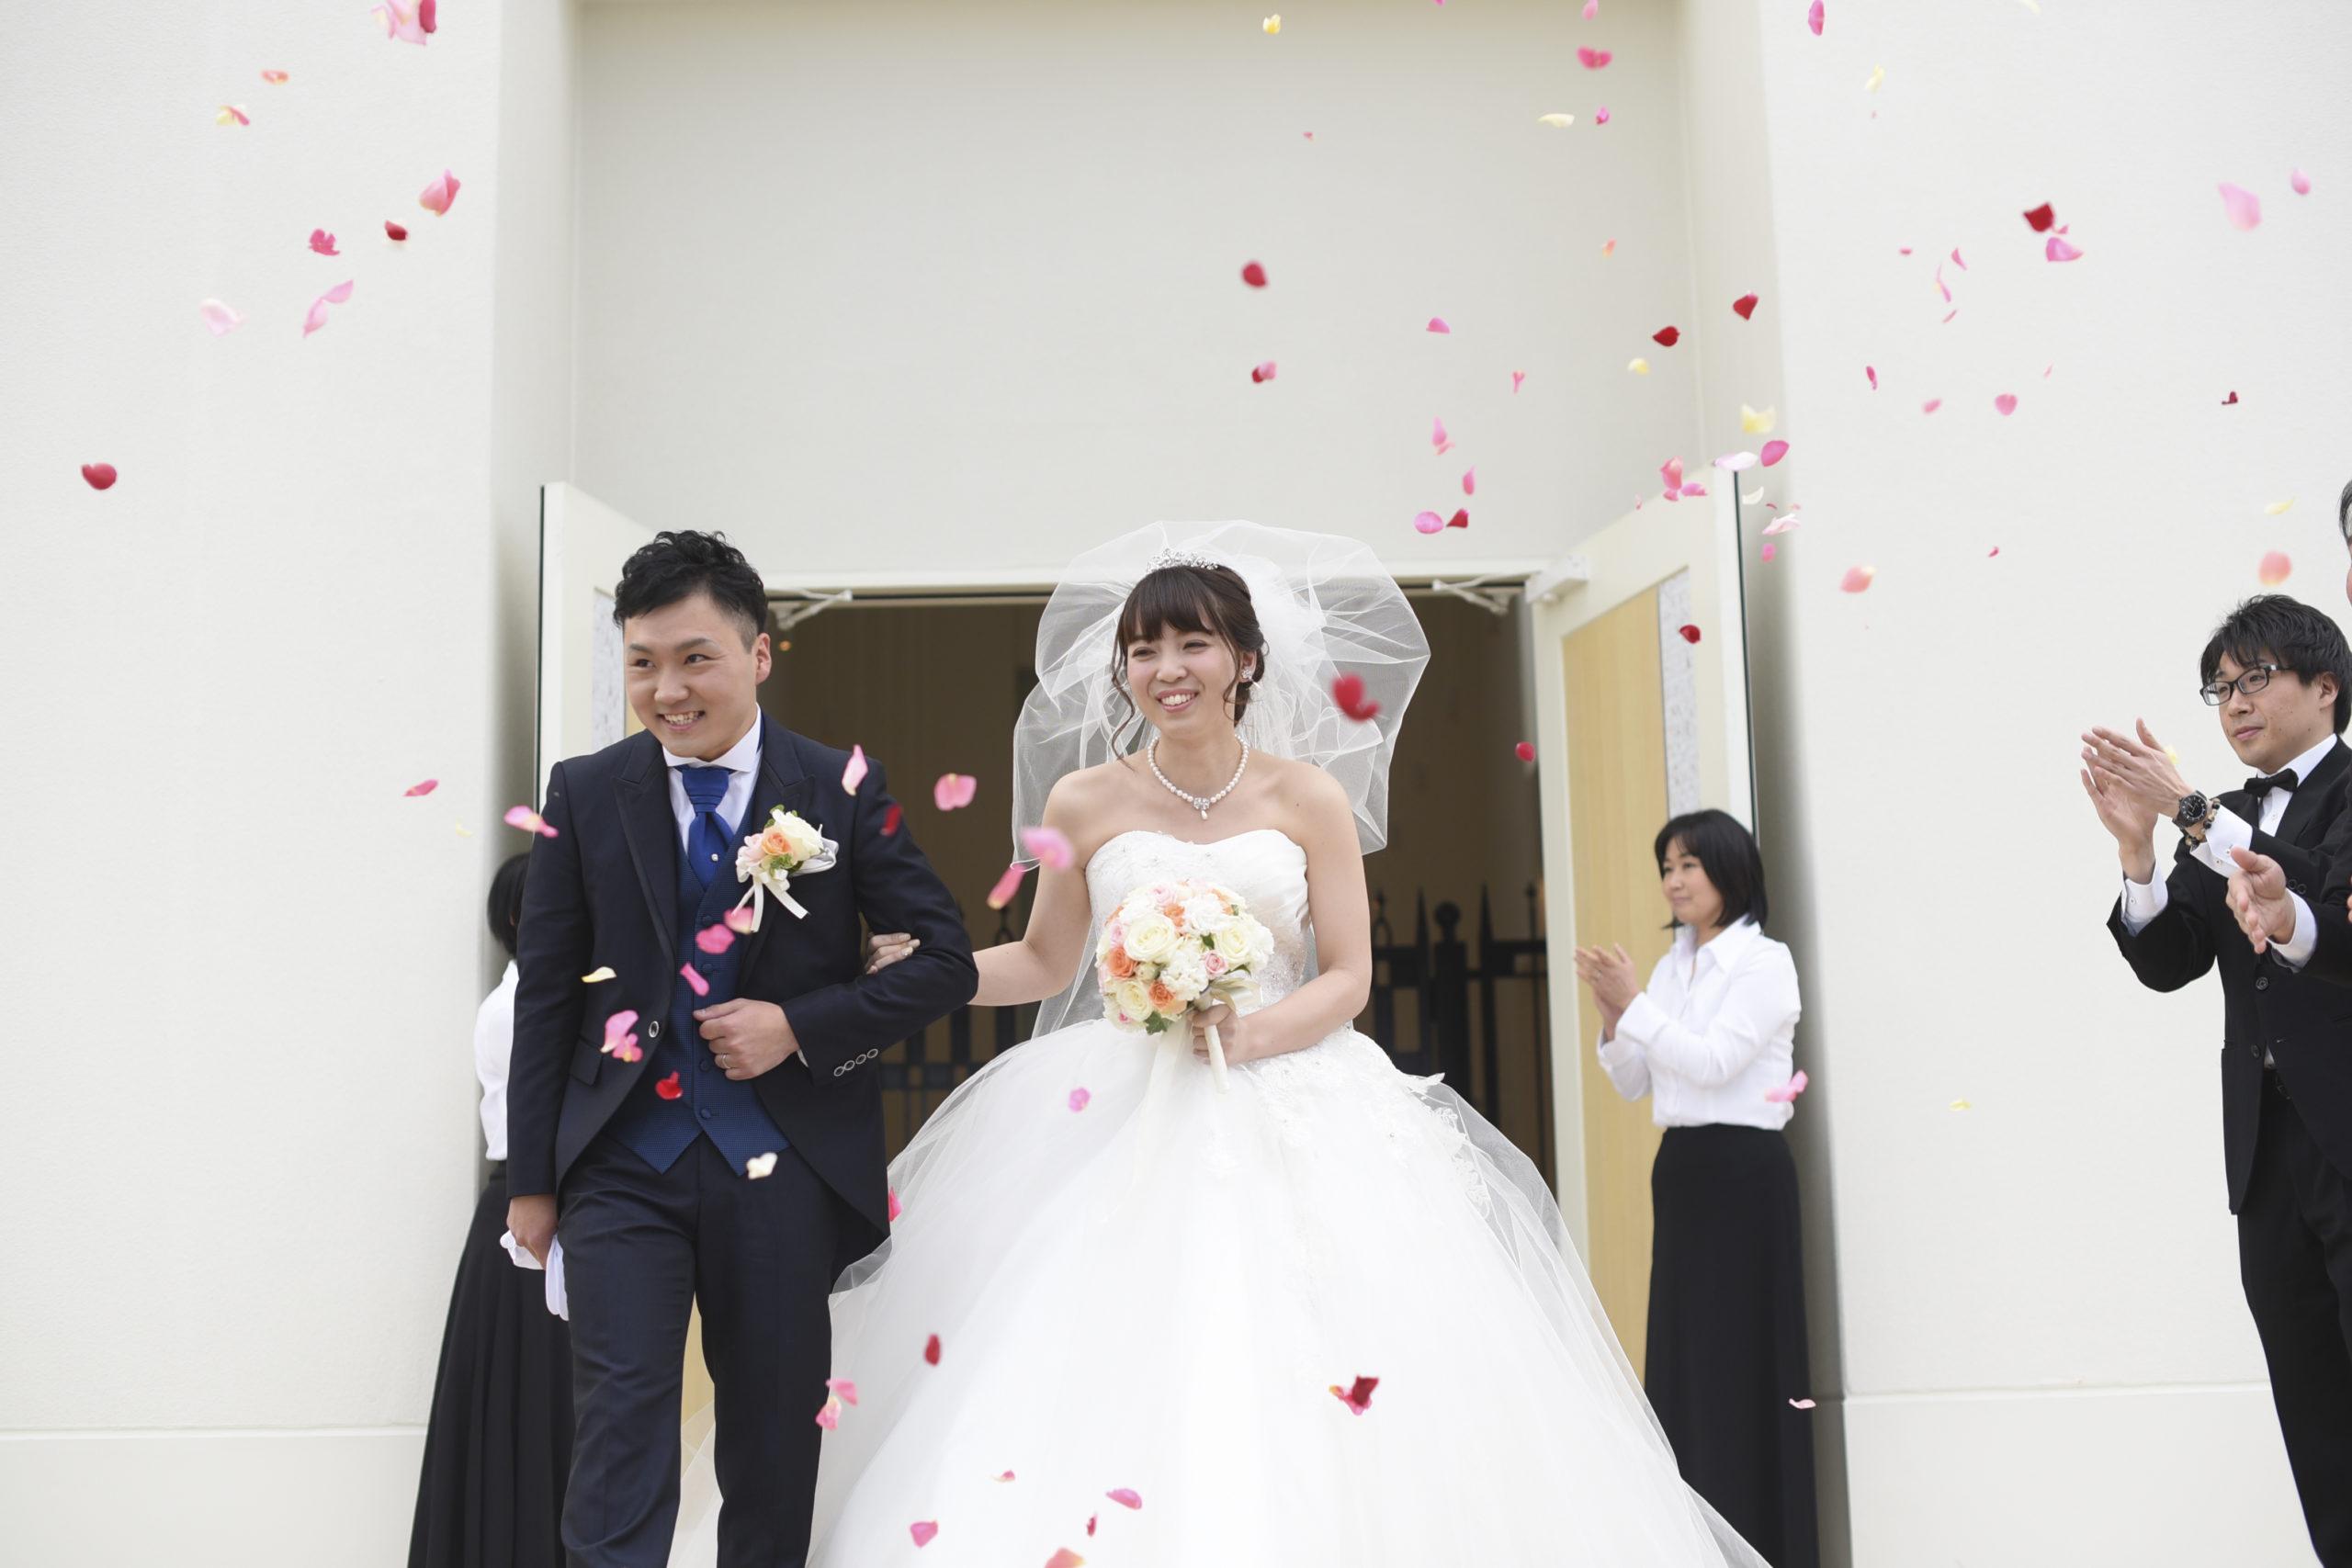 徳島市の結婚式場ブランアンジュの大階段でフラワーシャワーを行う幸せいっぱいの新郎新婦様